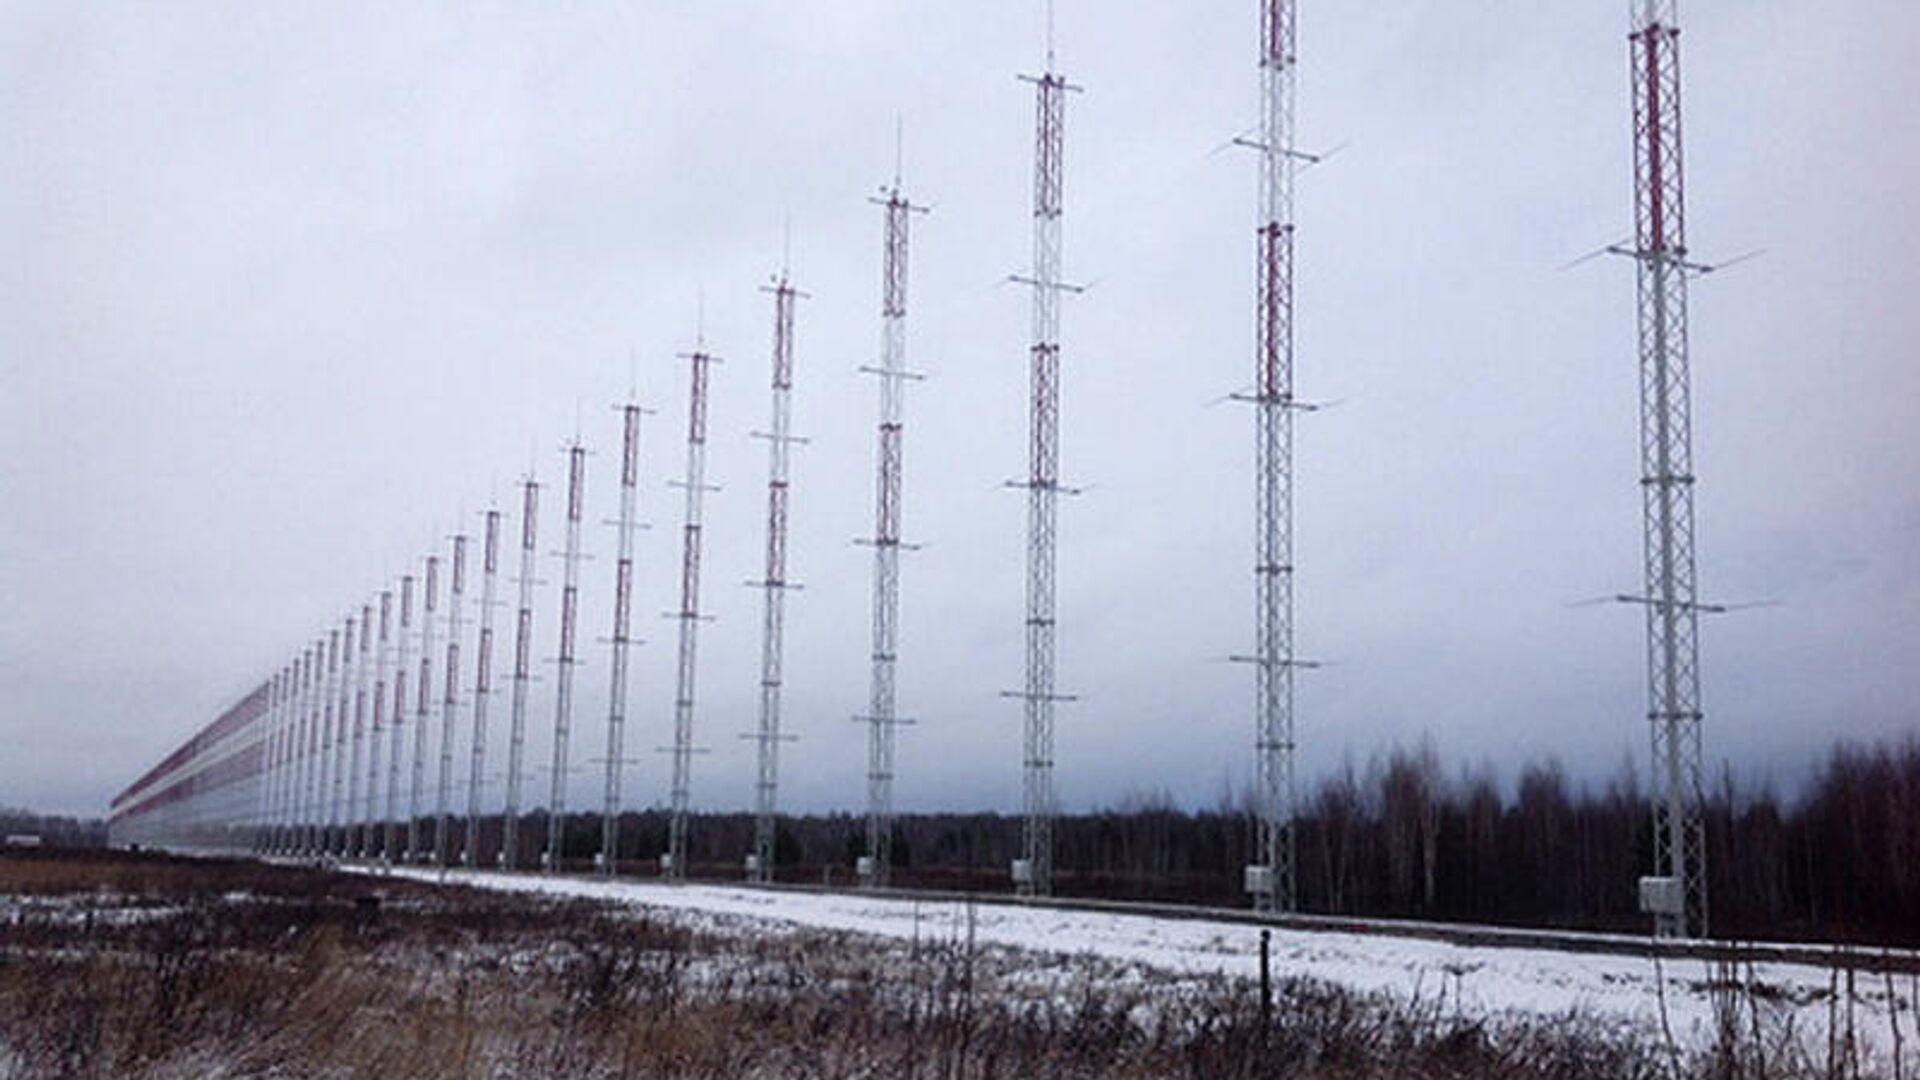 Приемная часть радиолокационной станции Контейнер - РИА Новости, 1920, 01.12.2020